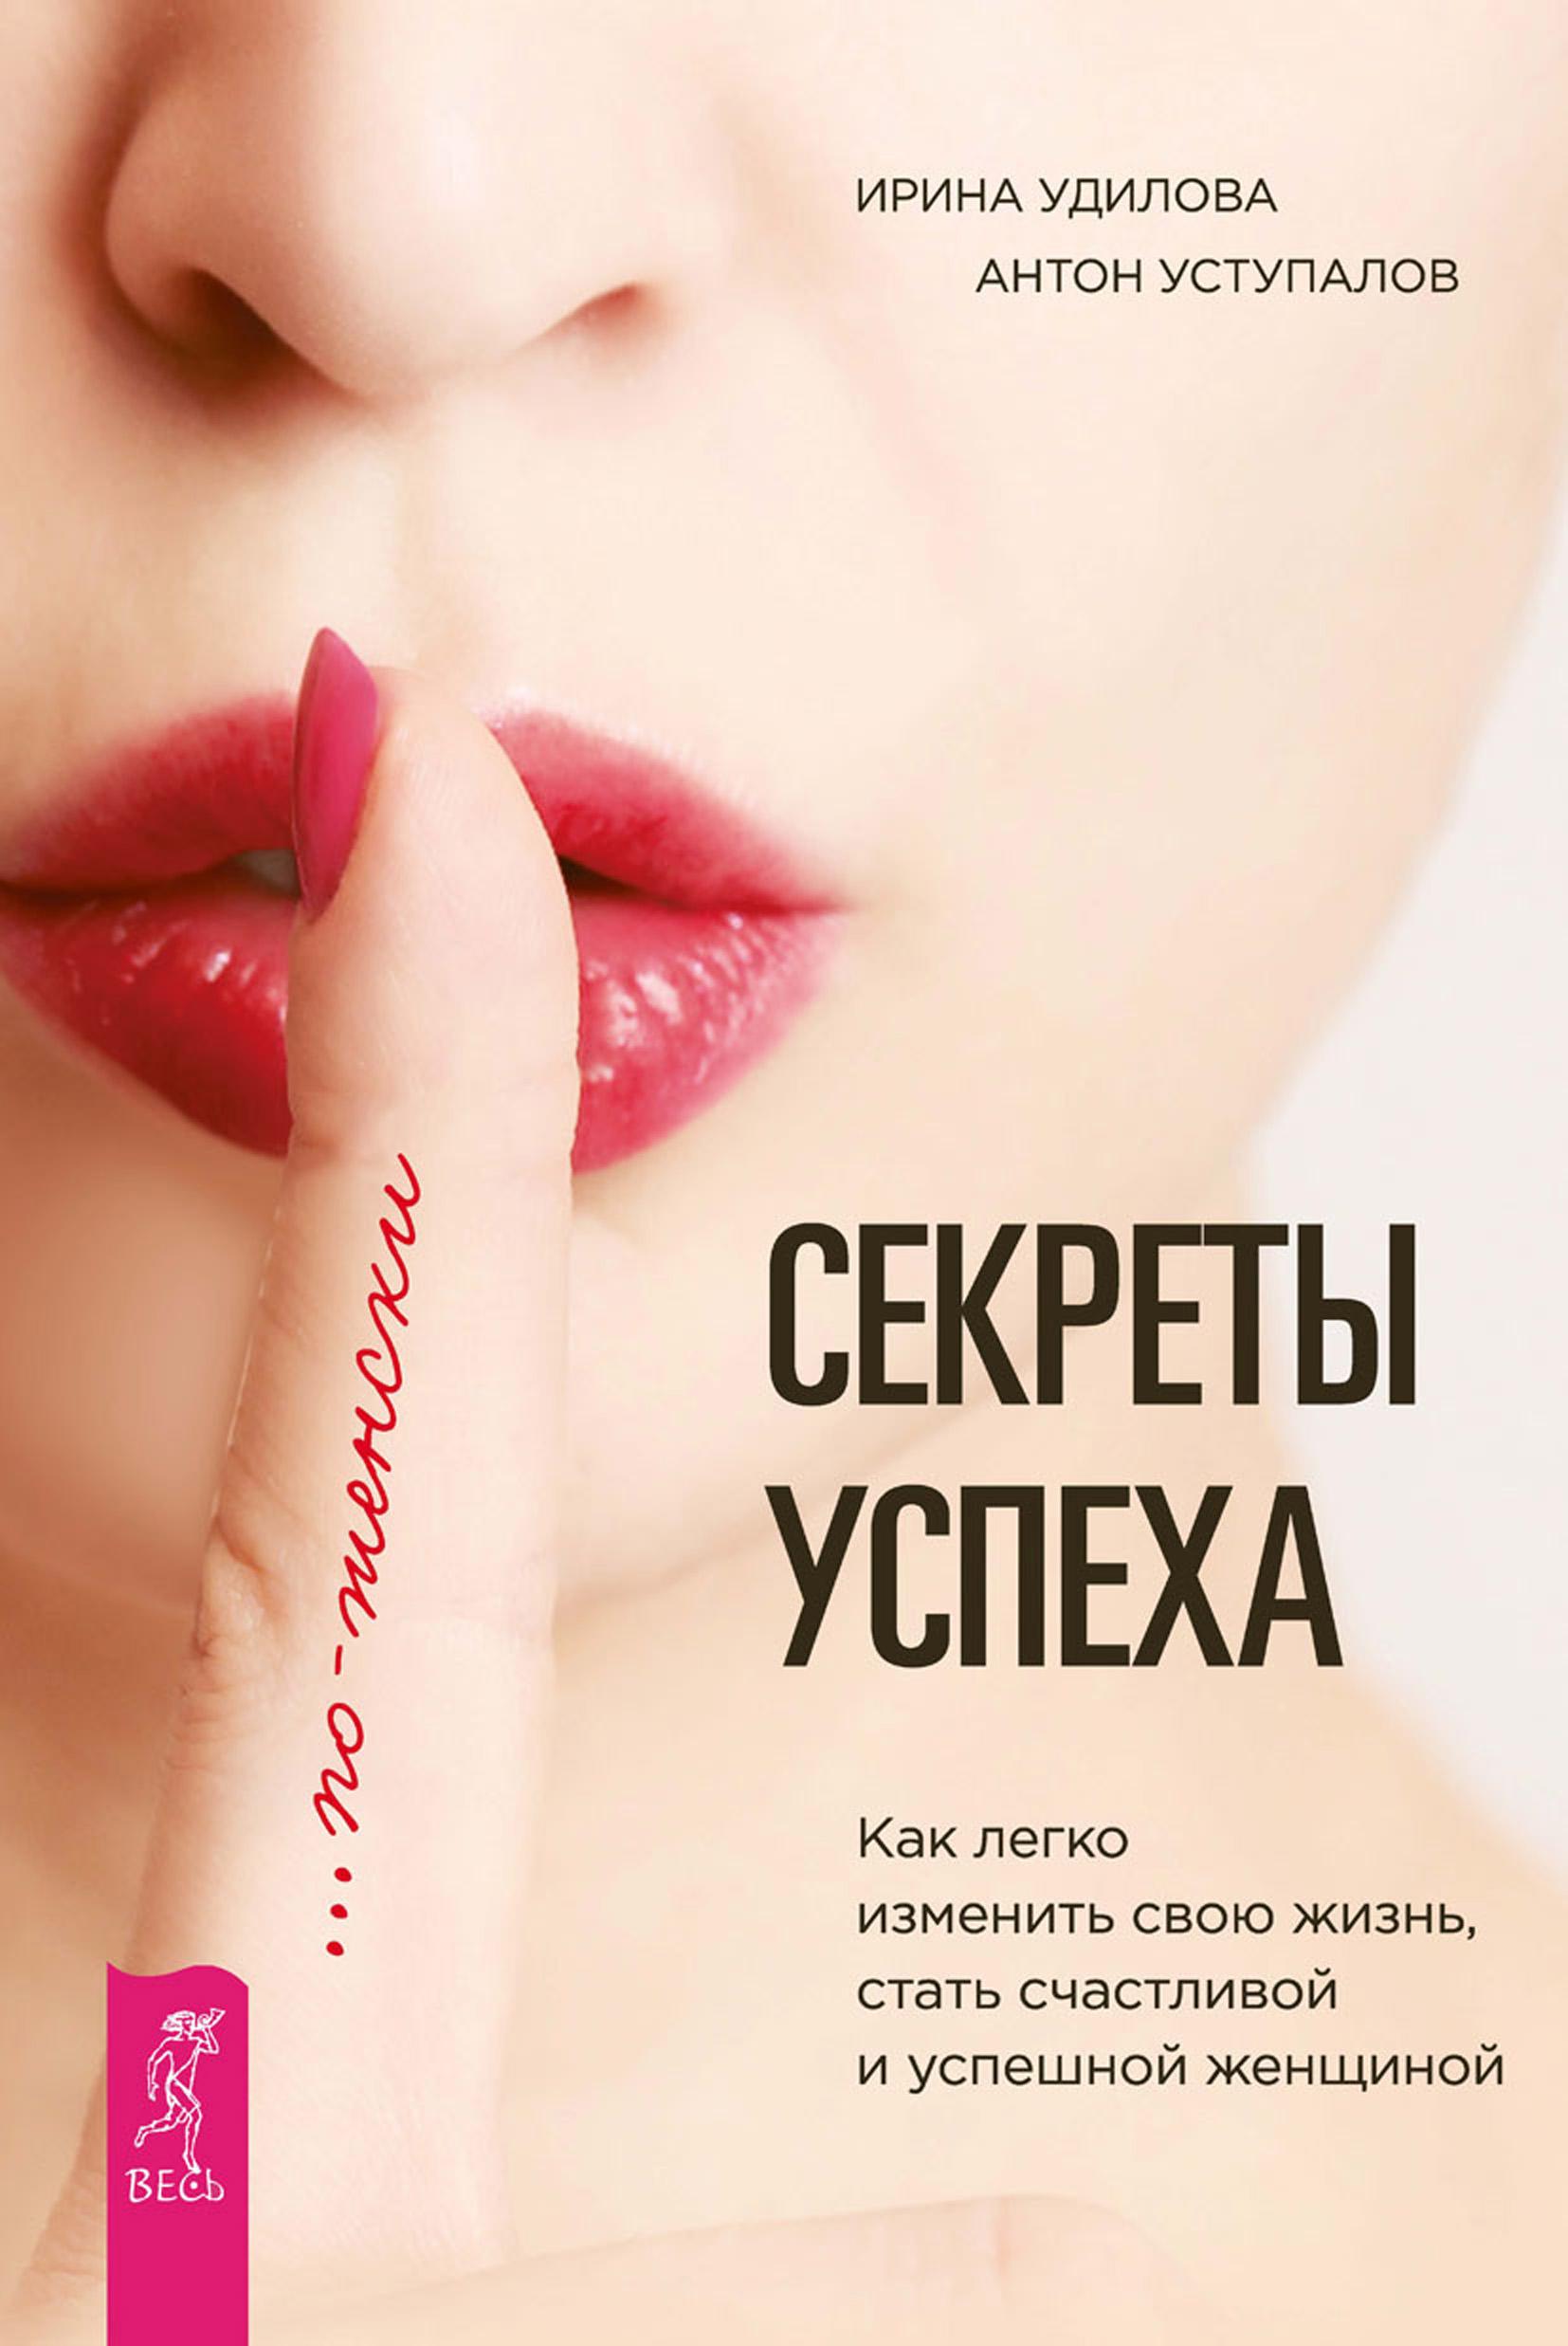 Ирина Удилова Секреты успеха по-женски. Как легко изменить свою жизнь, стать счастливой и успешной женщиной